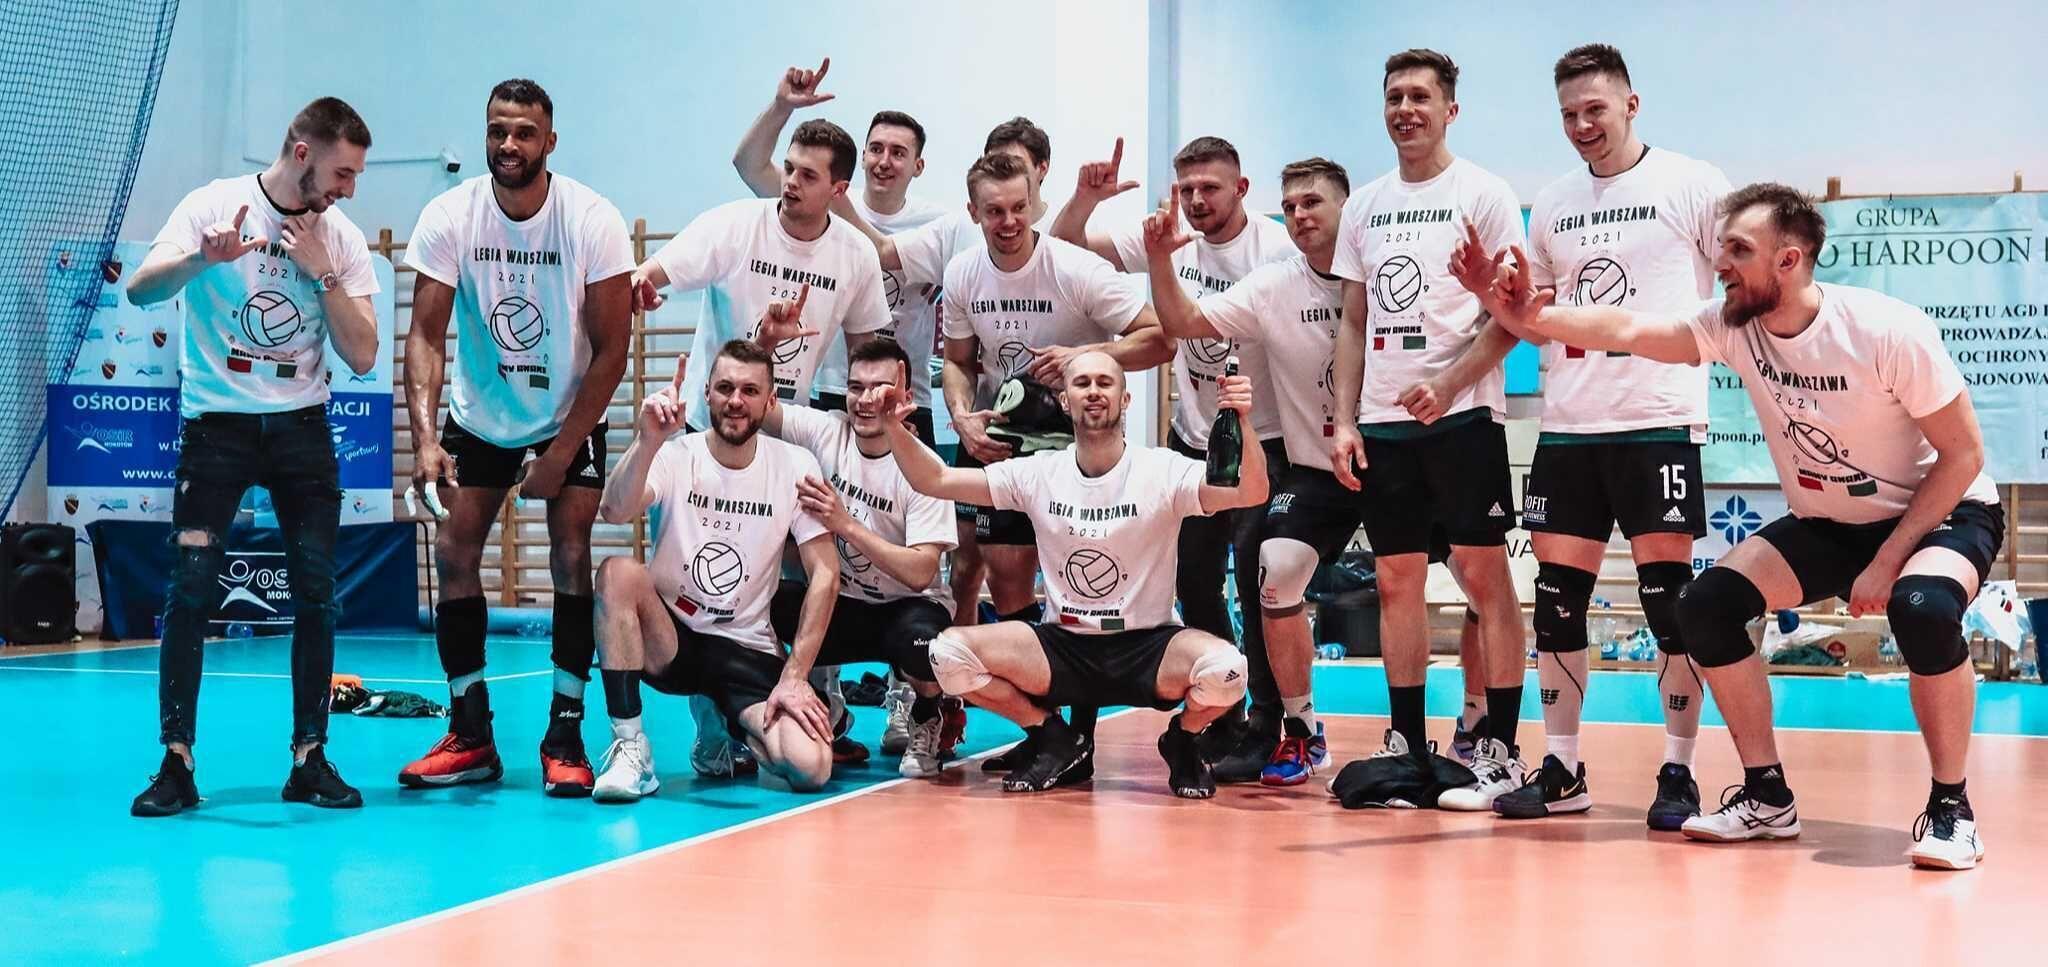 Siatkówka: Legioniści wywalczyli awans do I ligi!